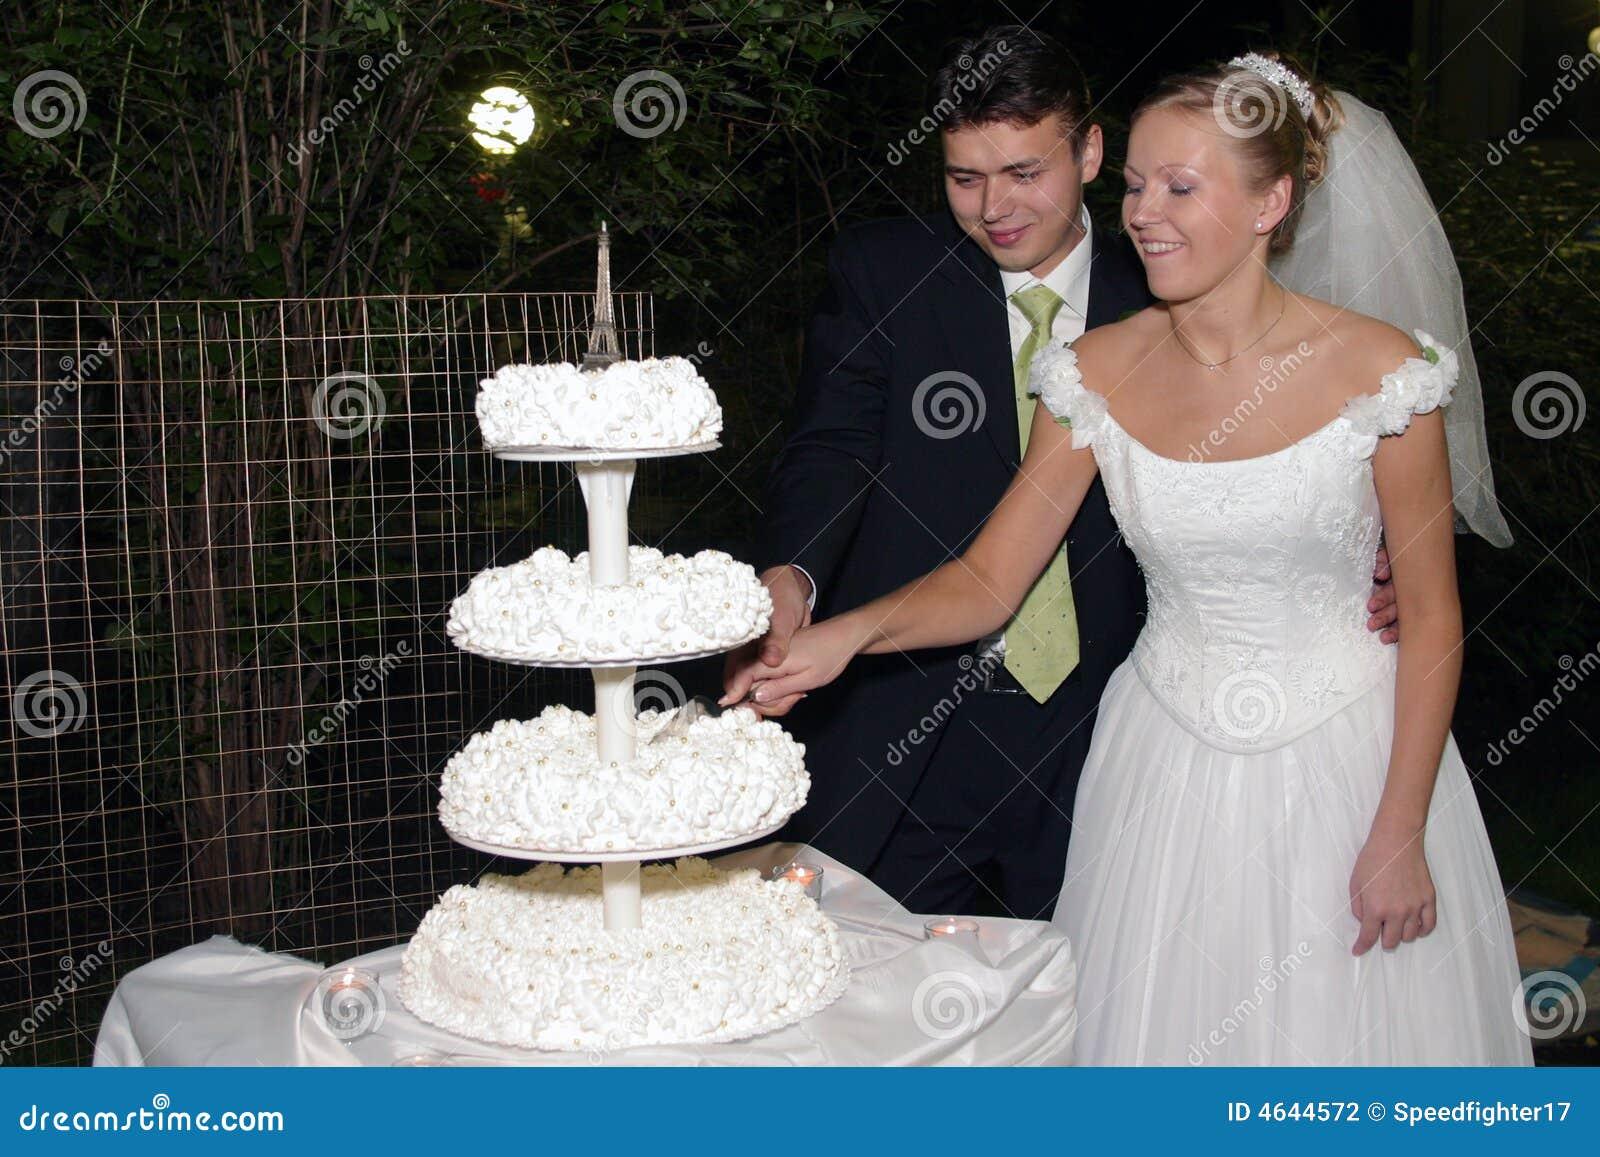 Newlywed Couple Cutting Cake Stock Photography Image